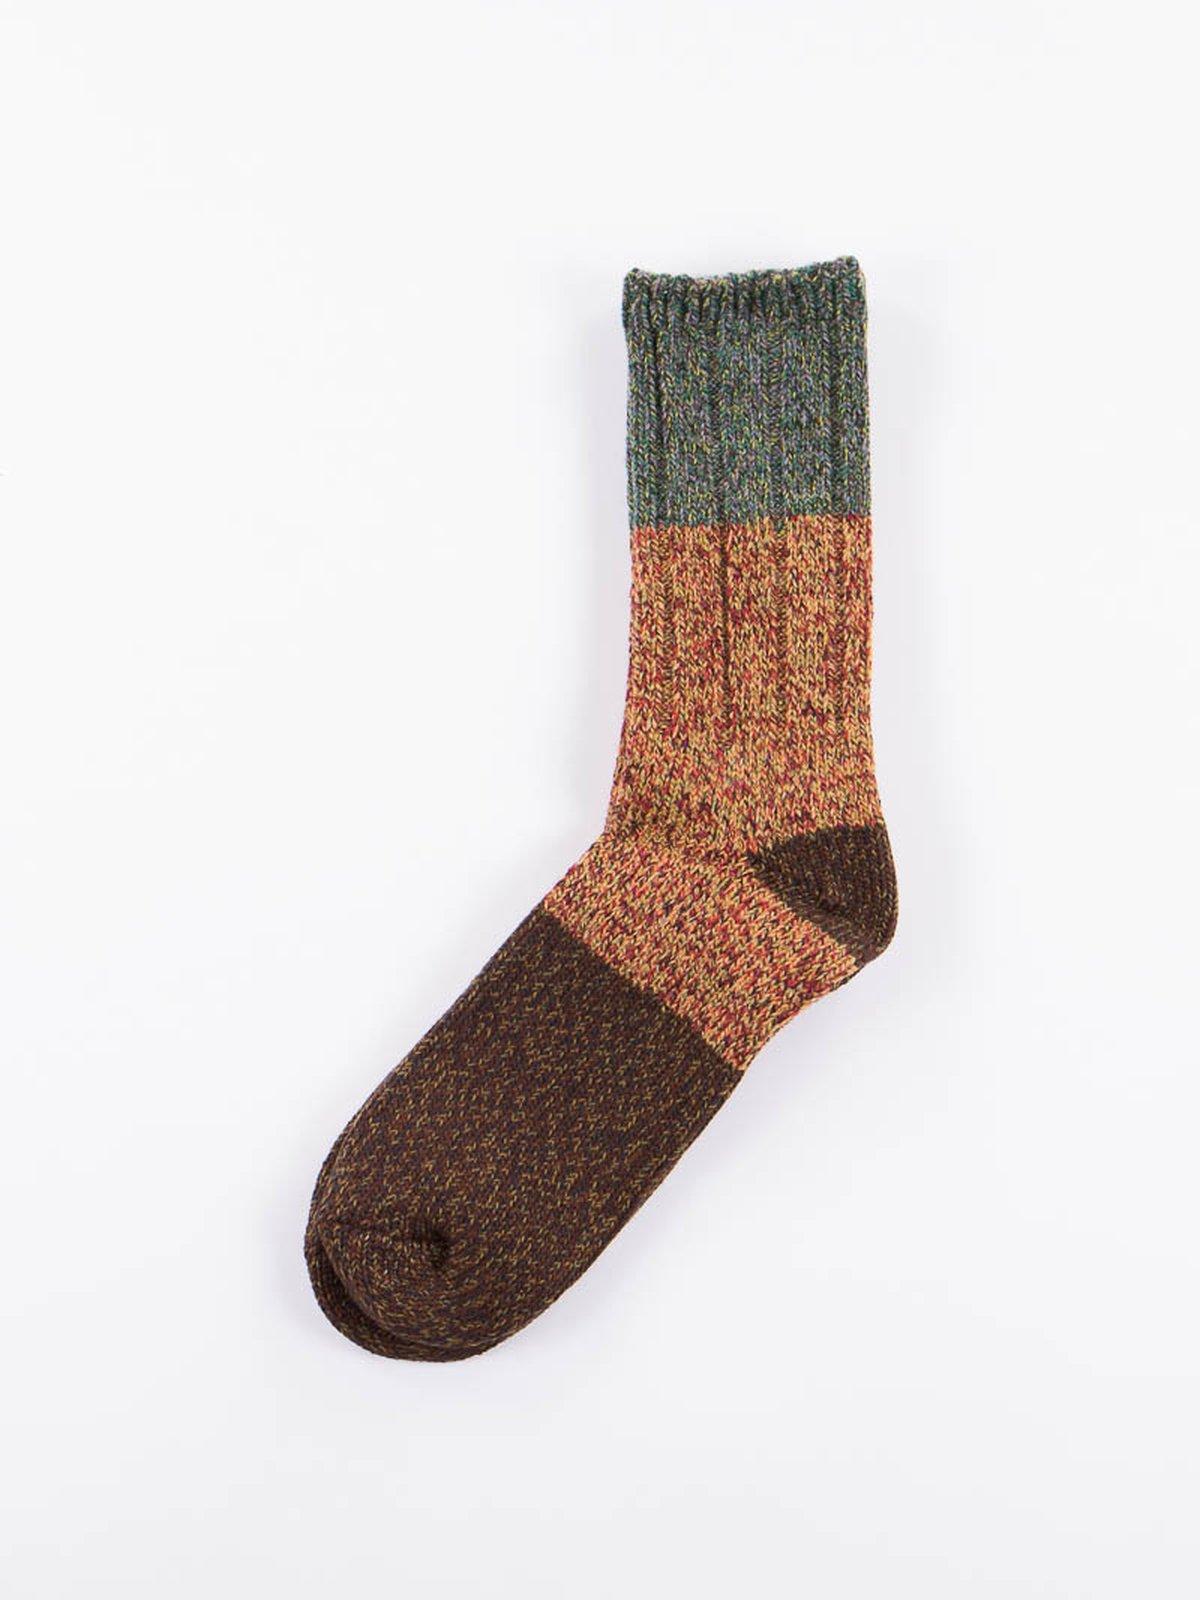 Green Van Gogh Wool Socks - Image 1